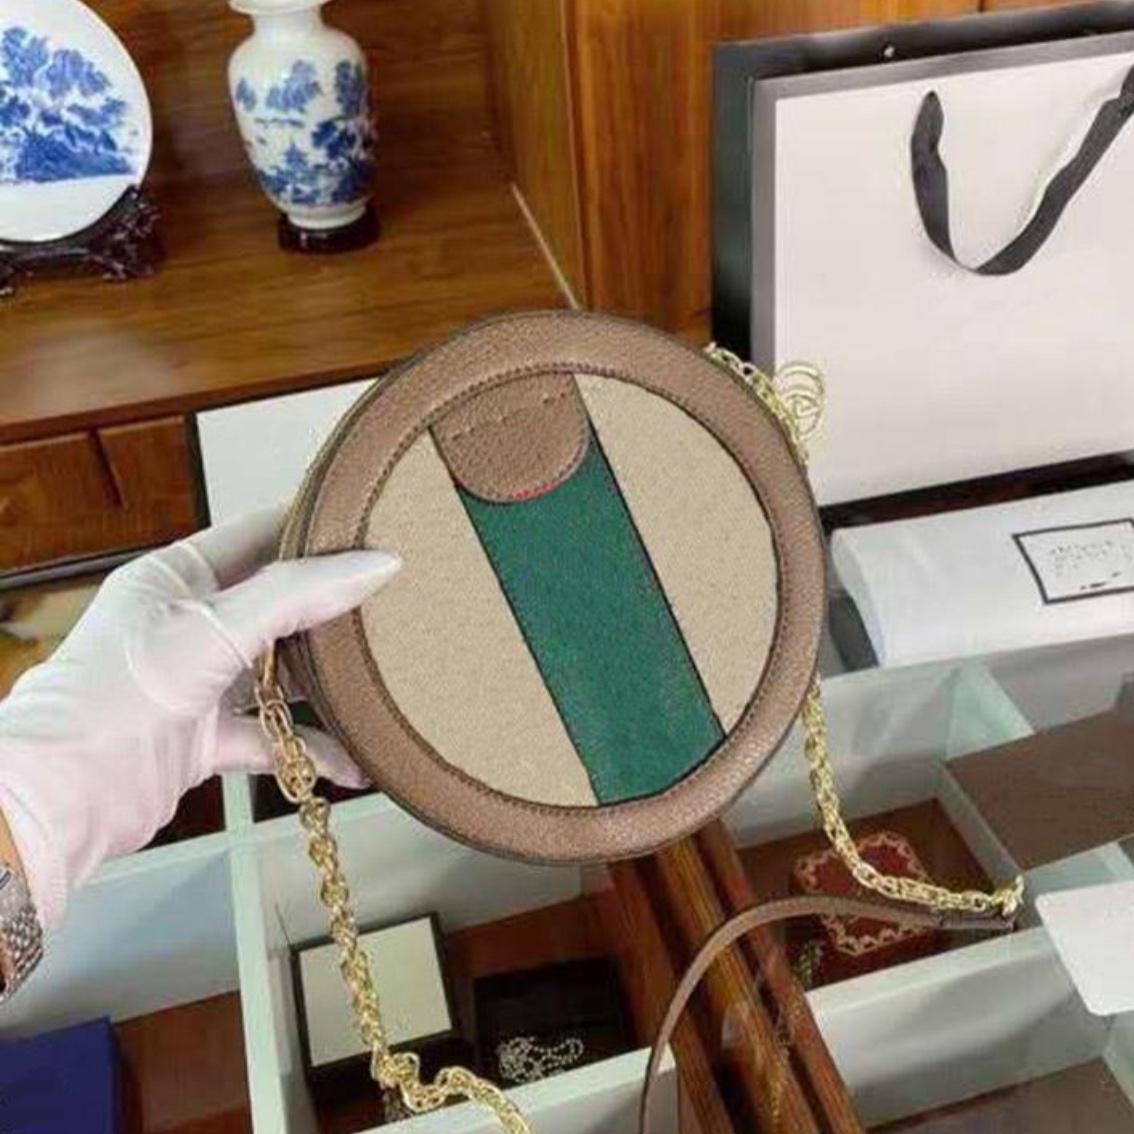 Runde Tasche Double G Brief Vintage Frauen Kette Kreisförmige Form Kleine Dame Mode Crossbody